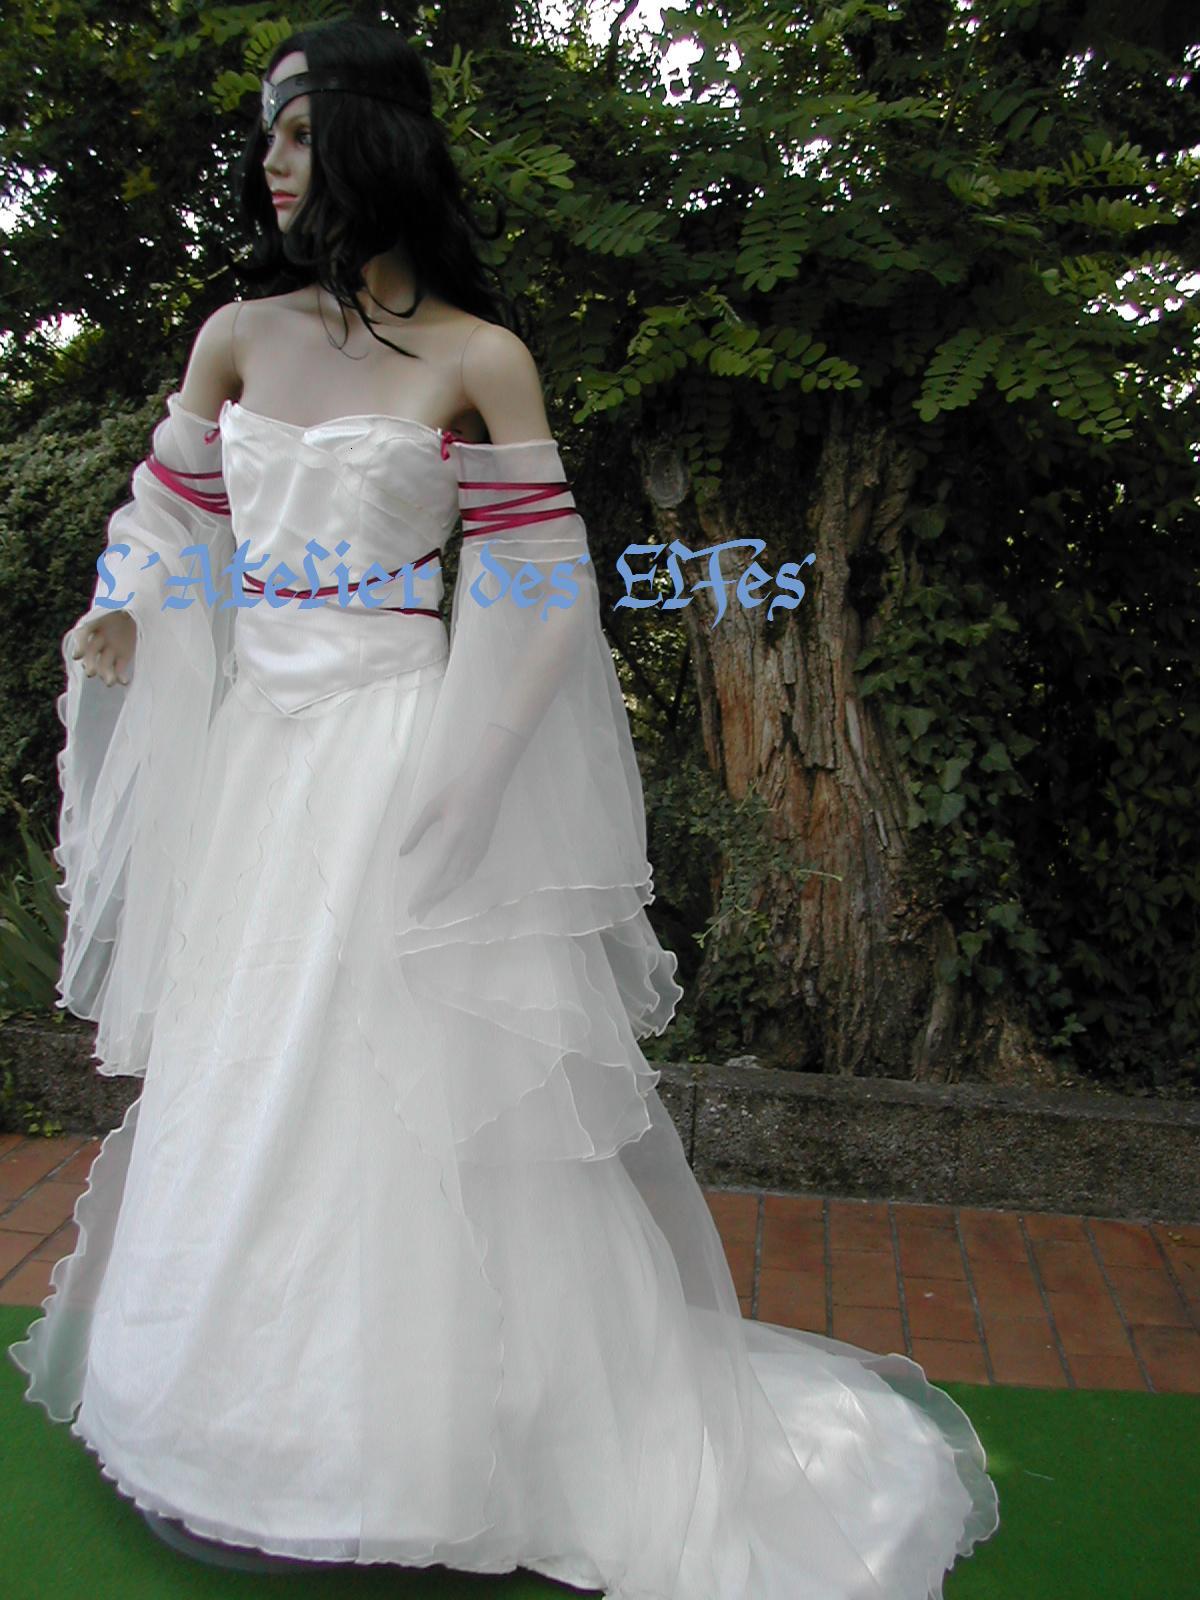 Mariage Elfique Robe la Robe de Mariée Elfique de